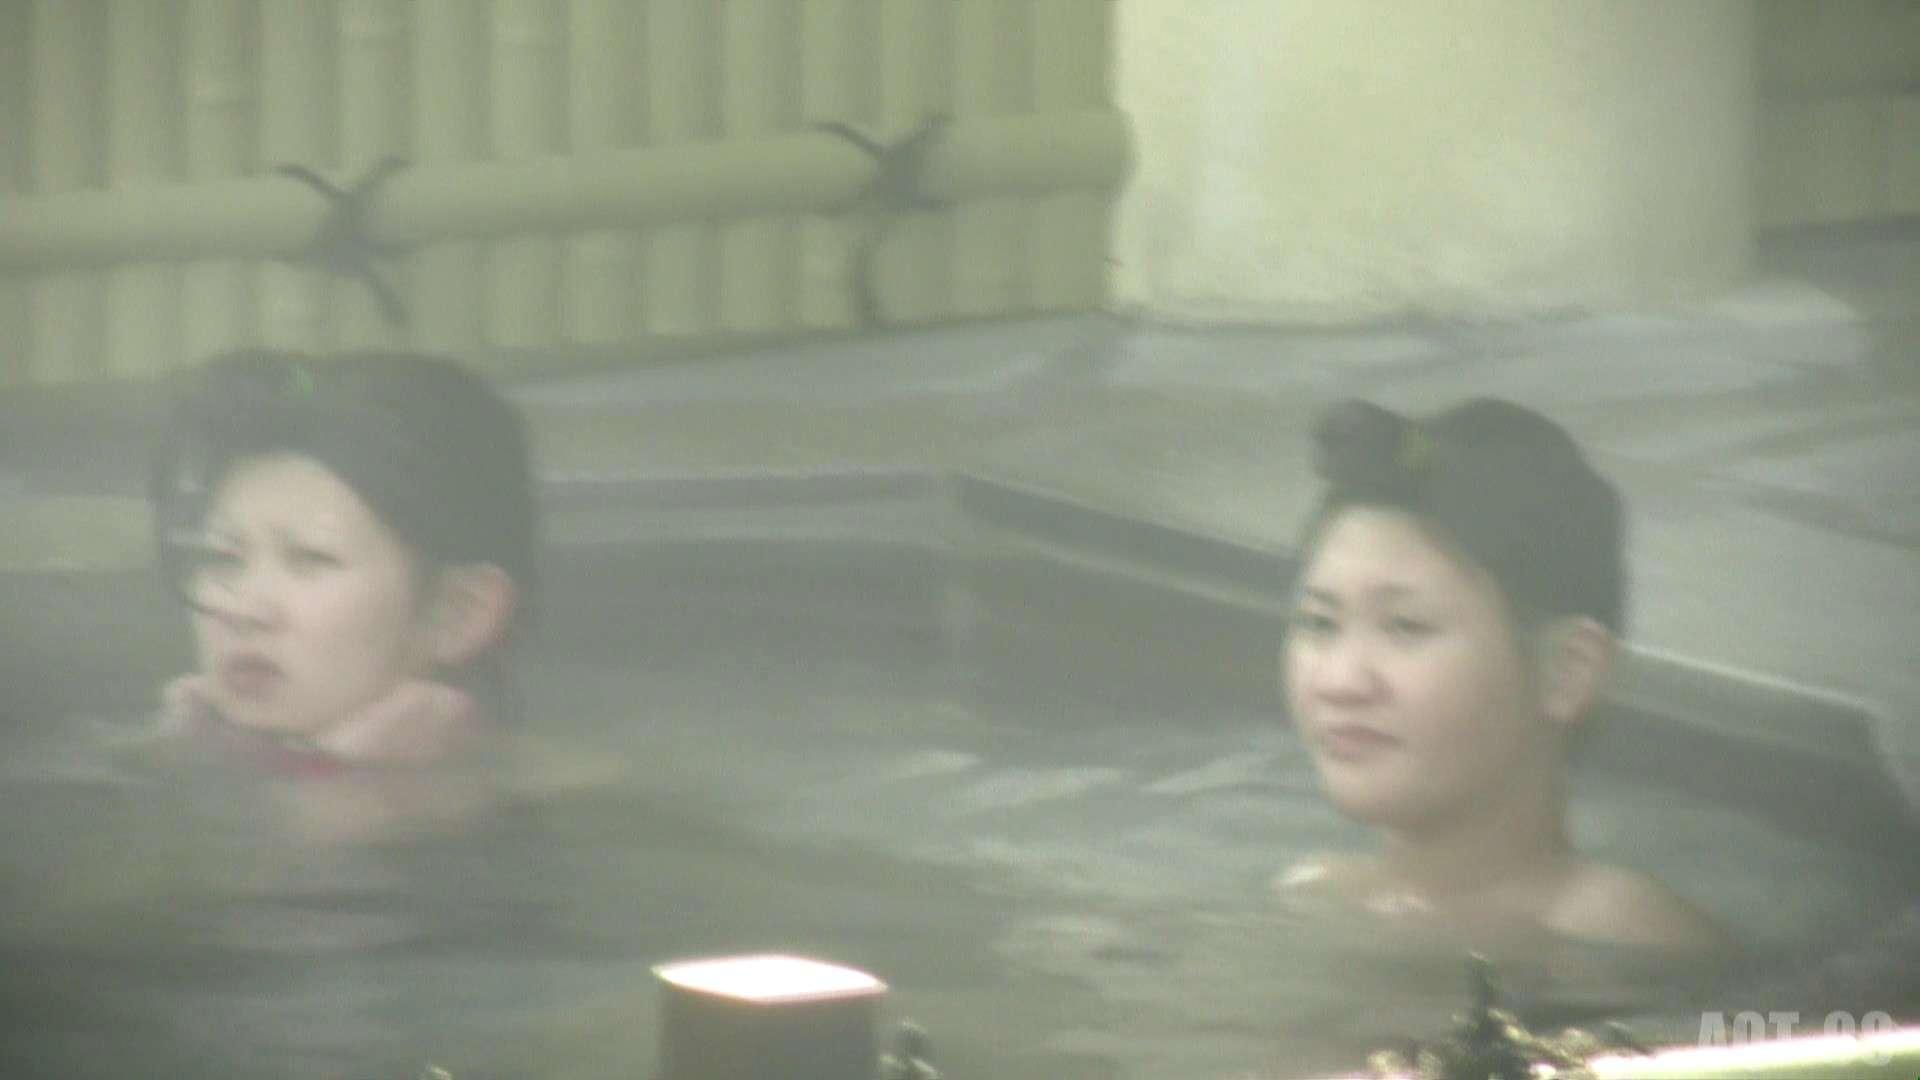 Aquaな露天風呂Vol.777 盗撮 | 露天  72pic 27